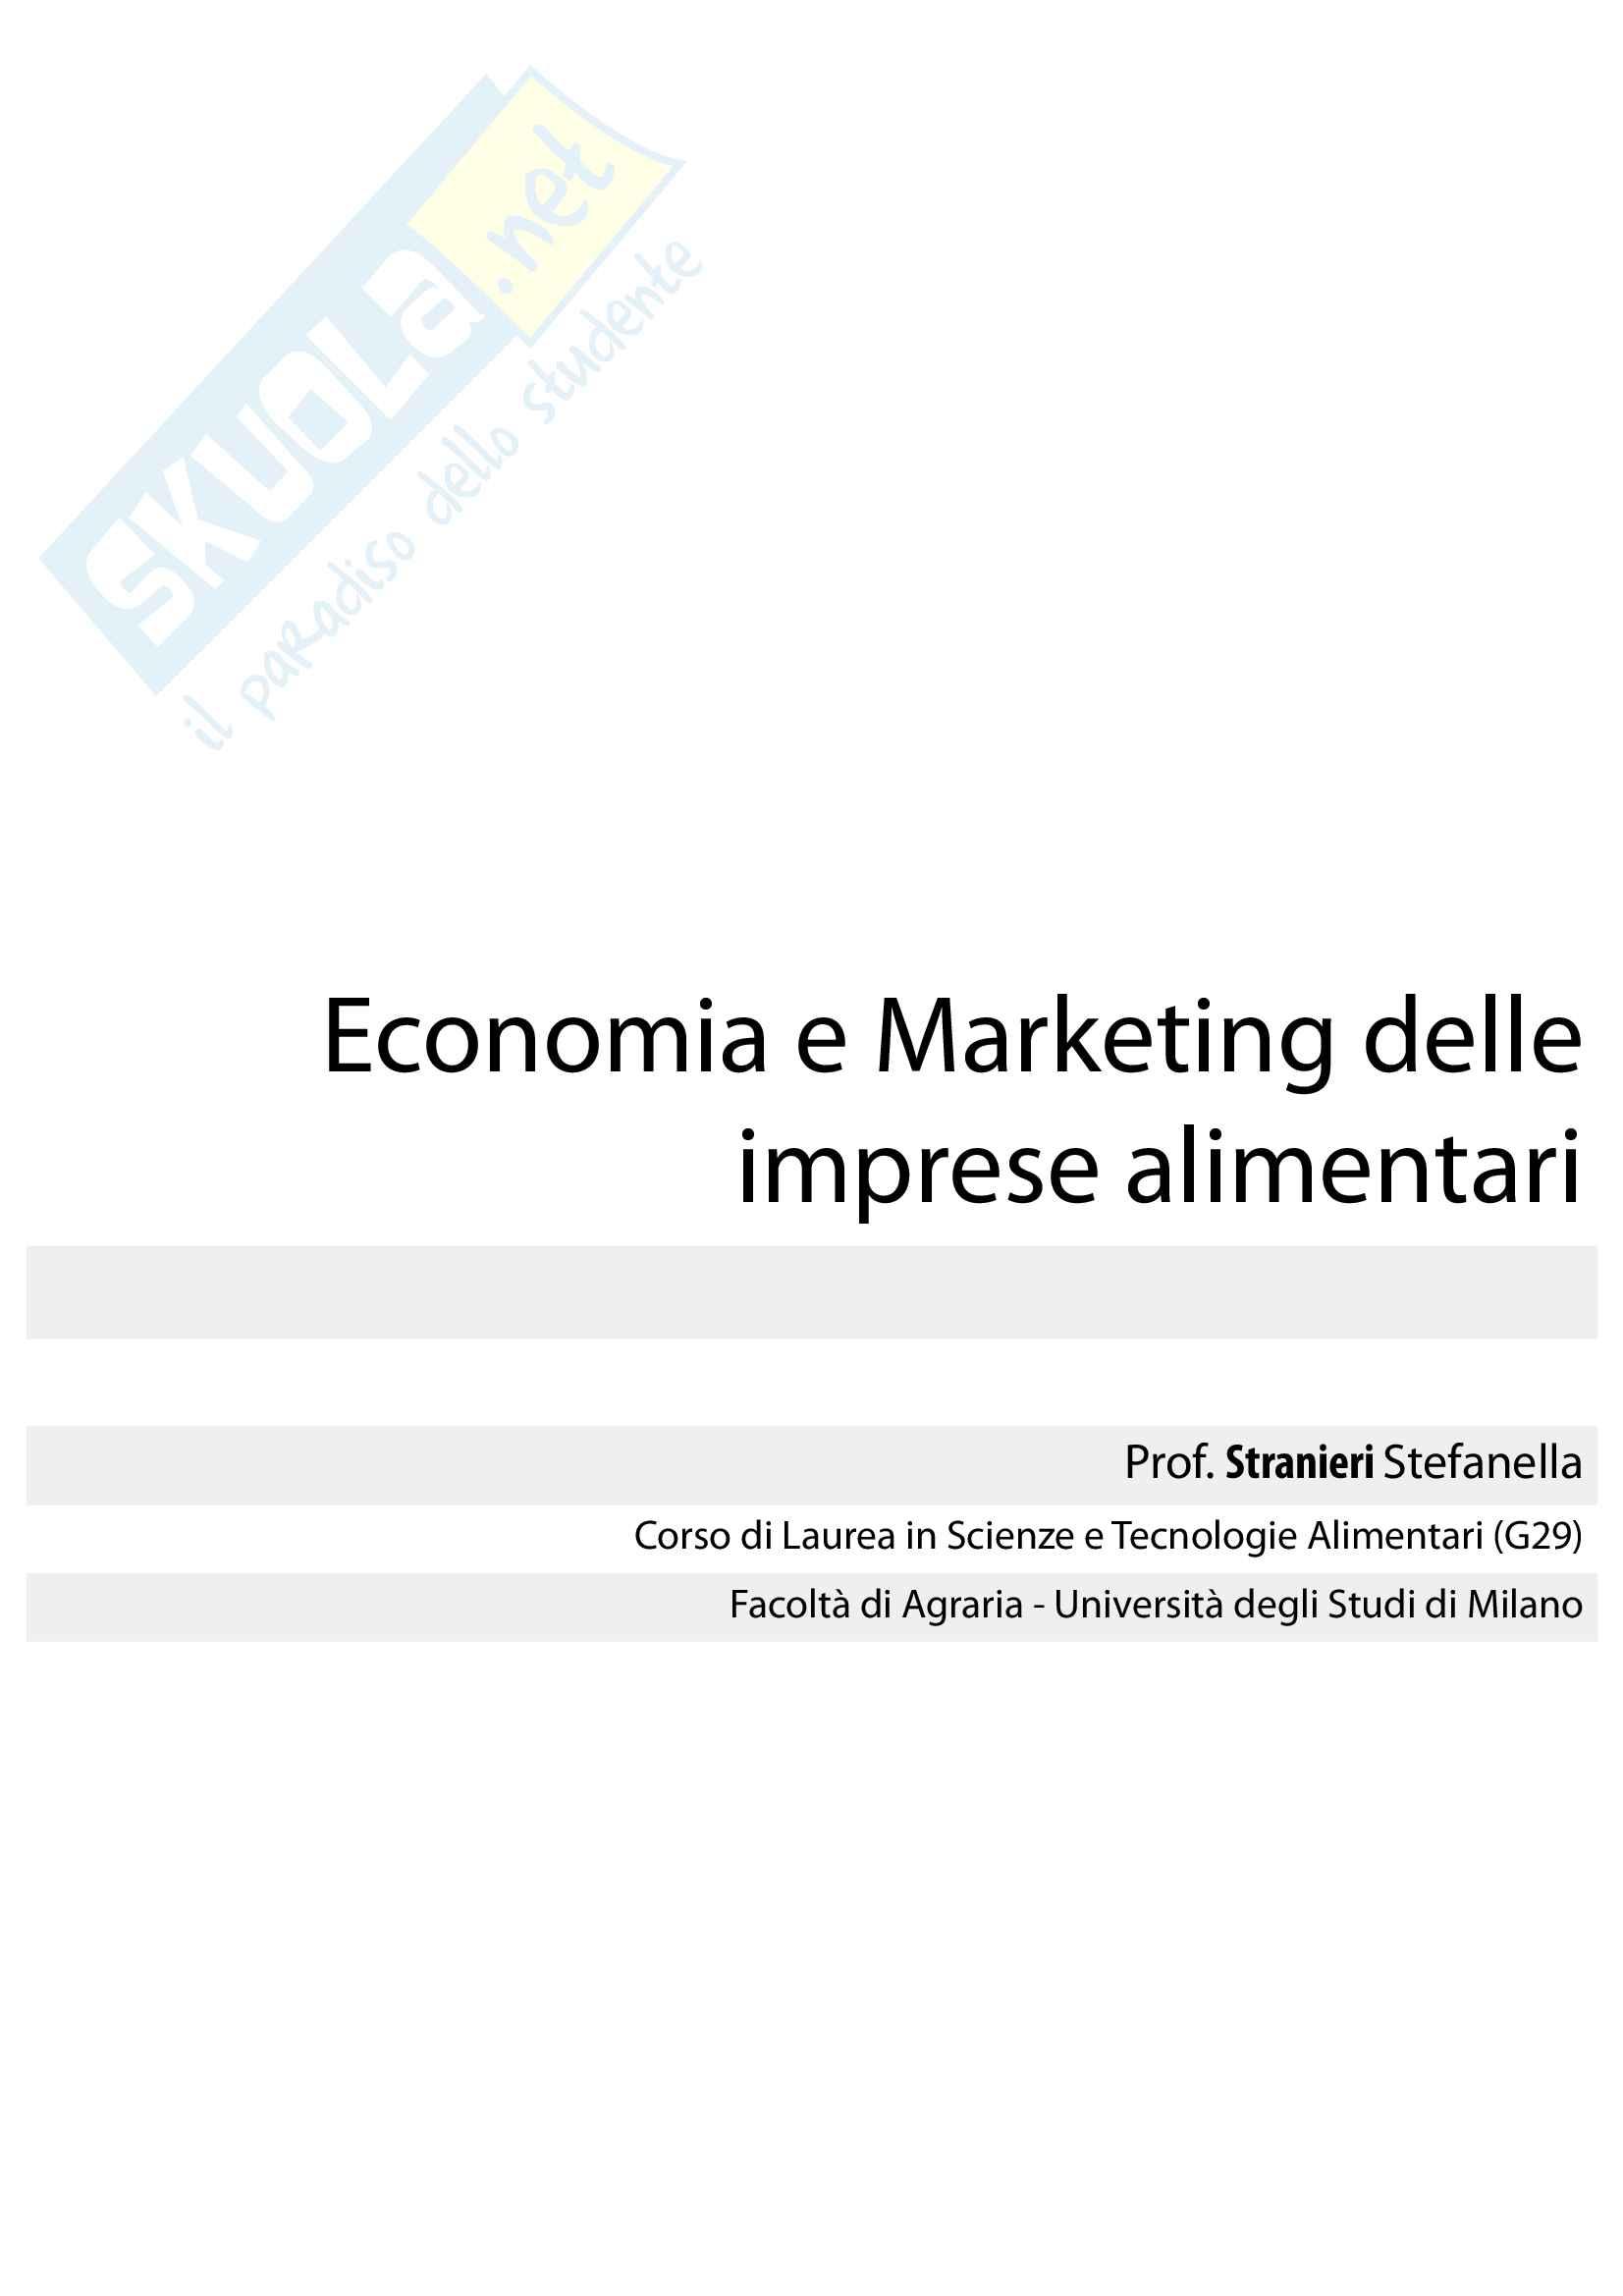 Economia e marketing delle imprese alimentari